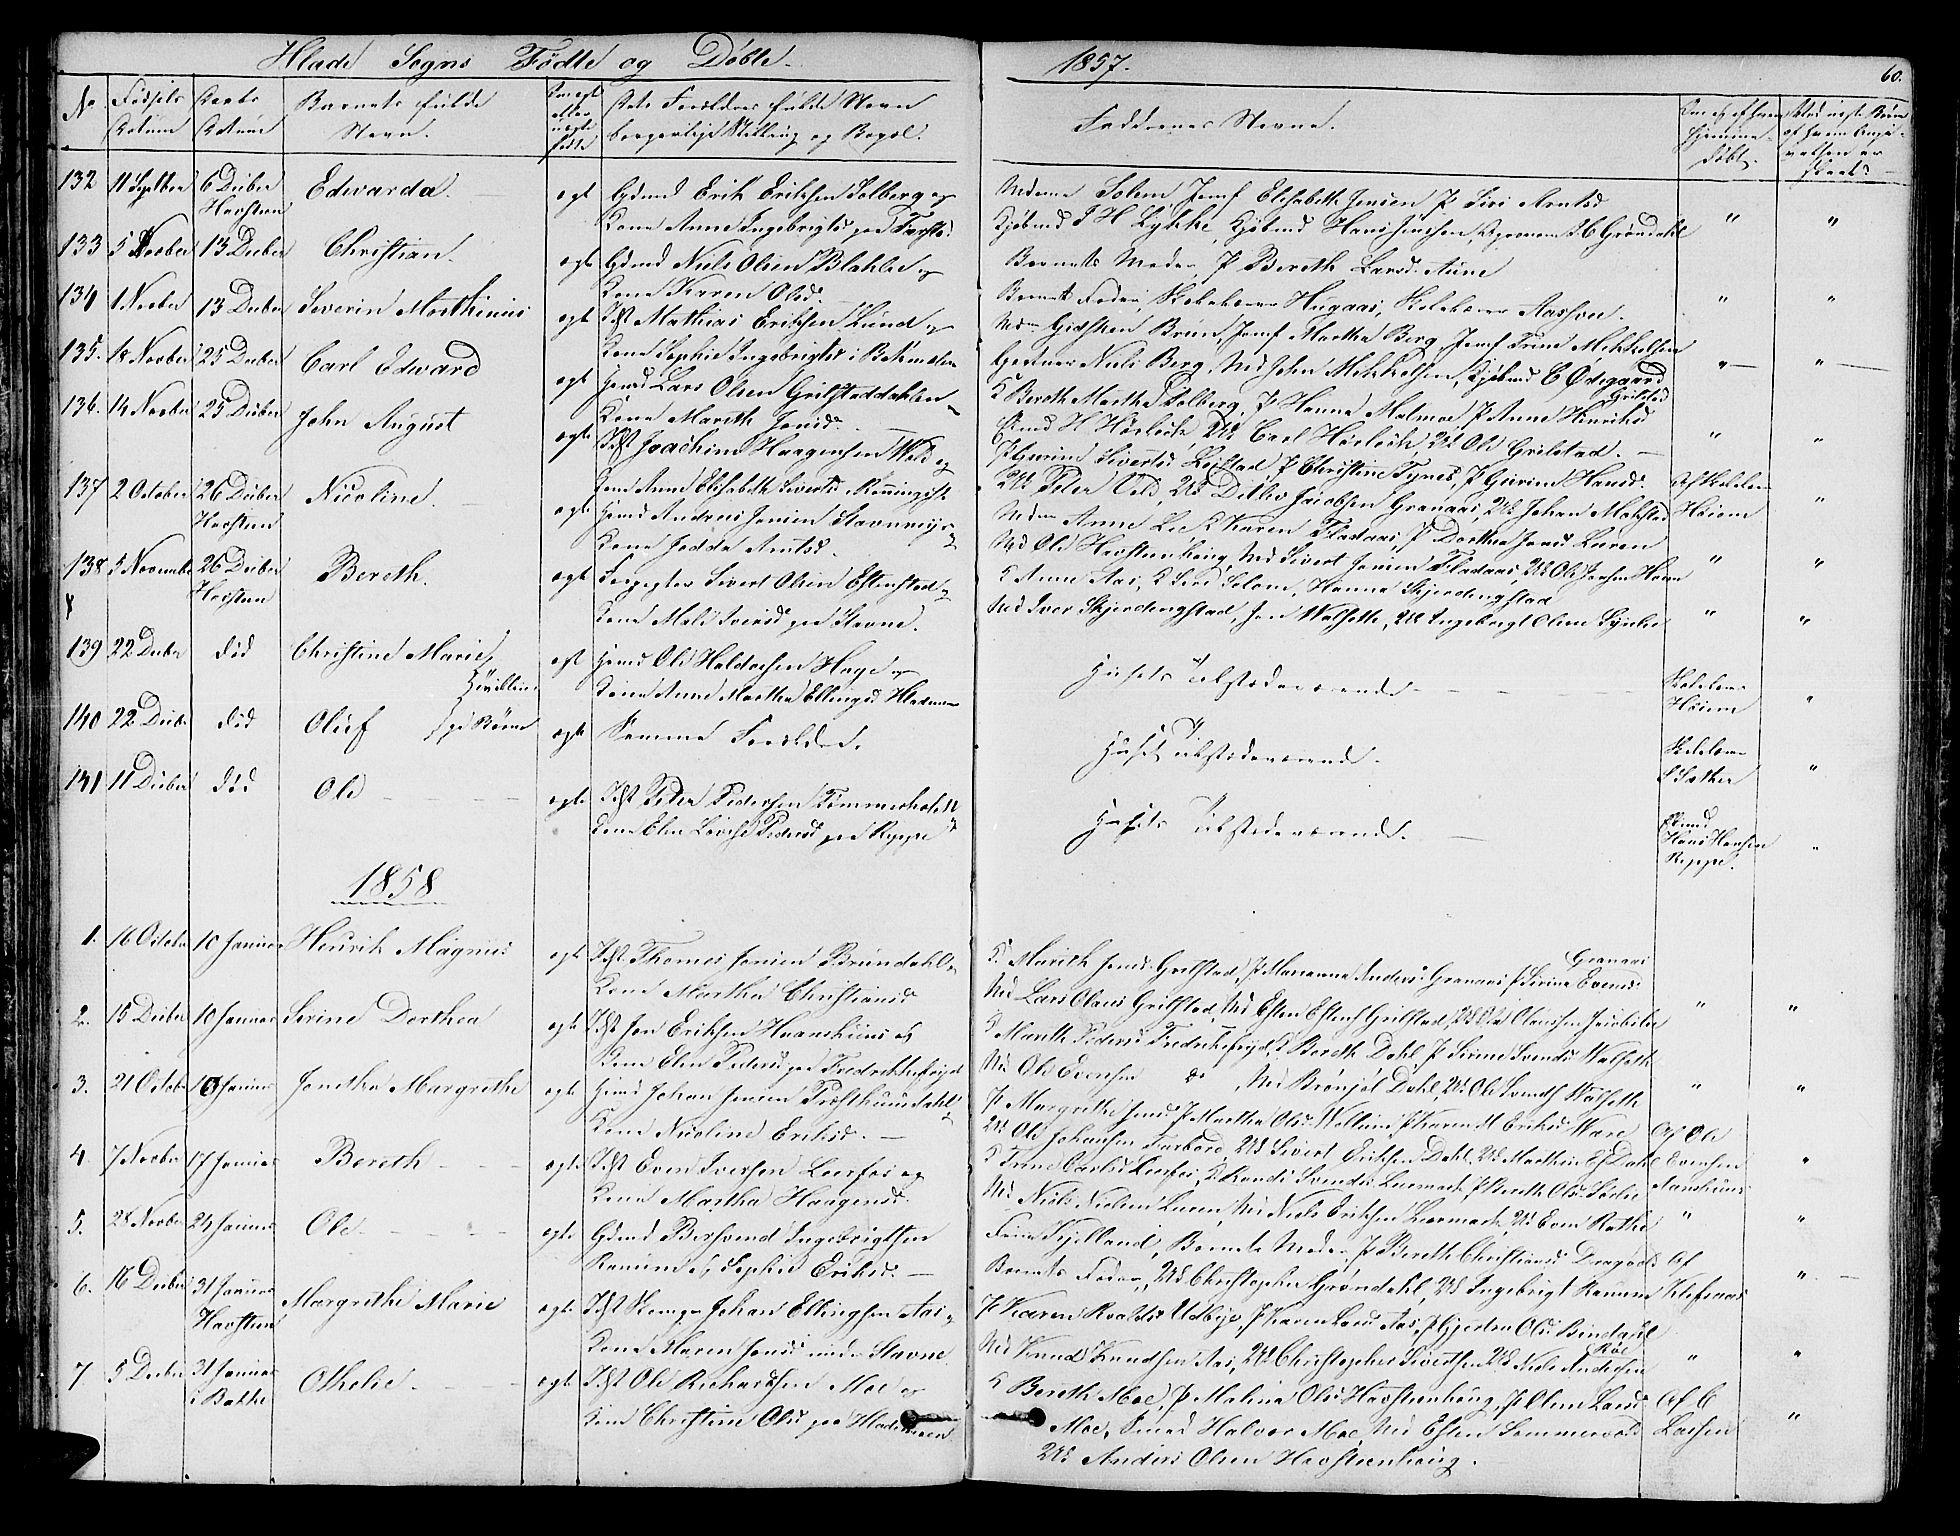 SAT, Ministerialprotokoller, klokkerbøker og fødselsregistre - Sør-Trøndelag, 606/L0310: Klokkerbok nr. 606C06, 1850-1859, s. 60